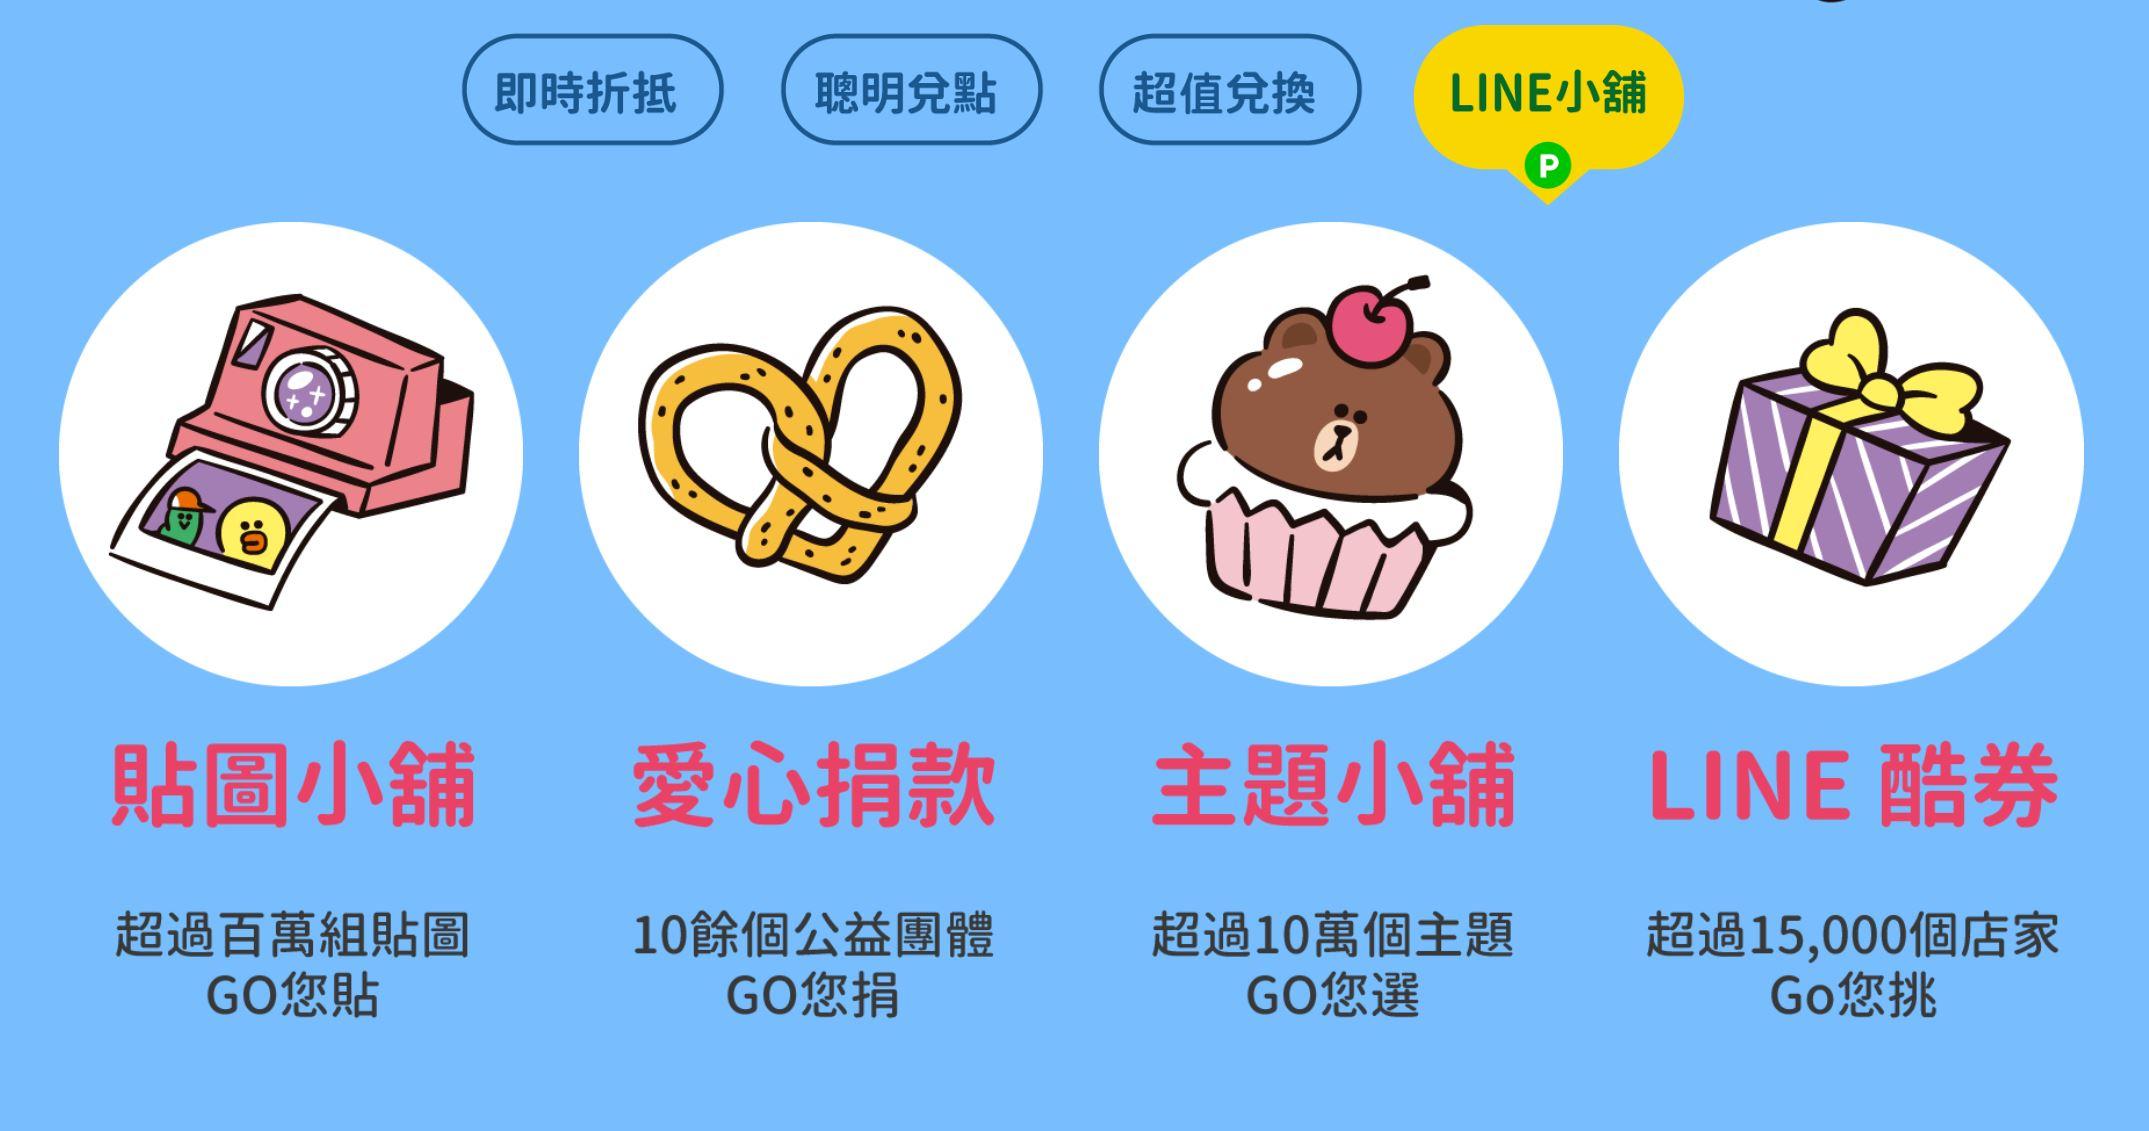 中信LINE Pay信用卡海外消費回饋2.8%, 直接轉LINE Points 點數等同現金回饋超好用!